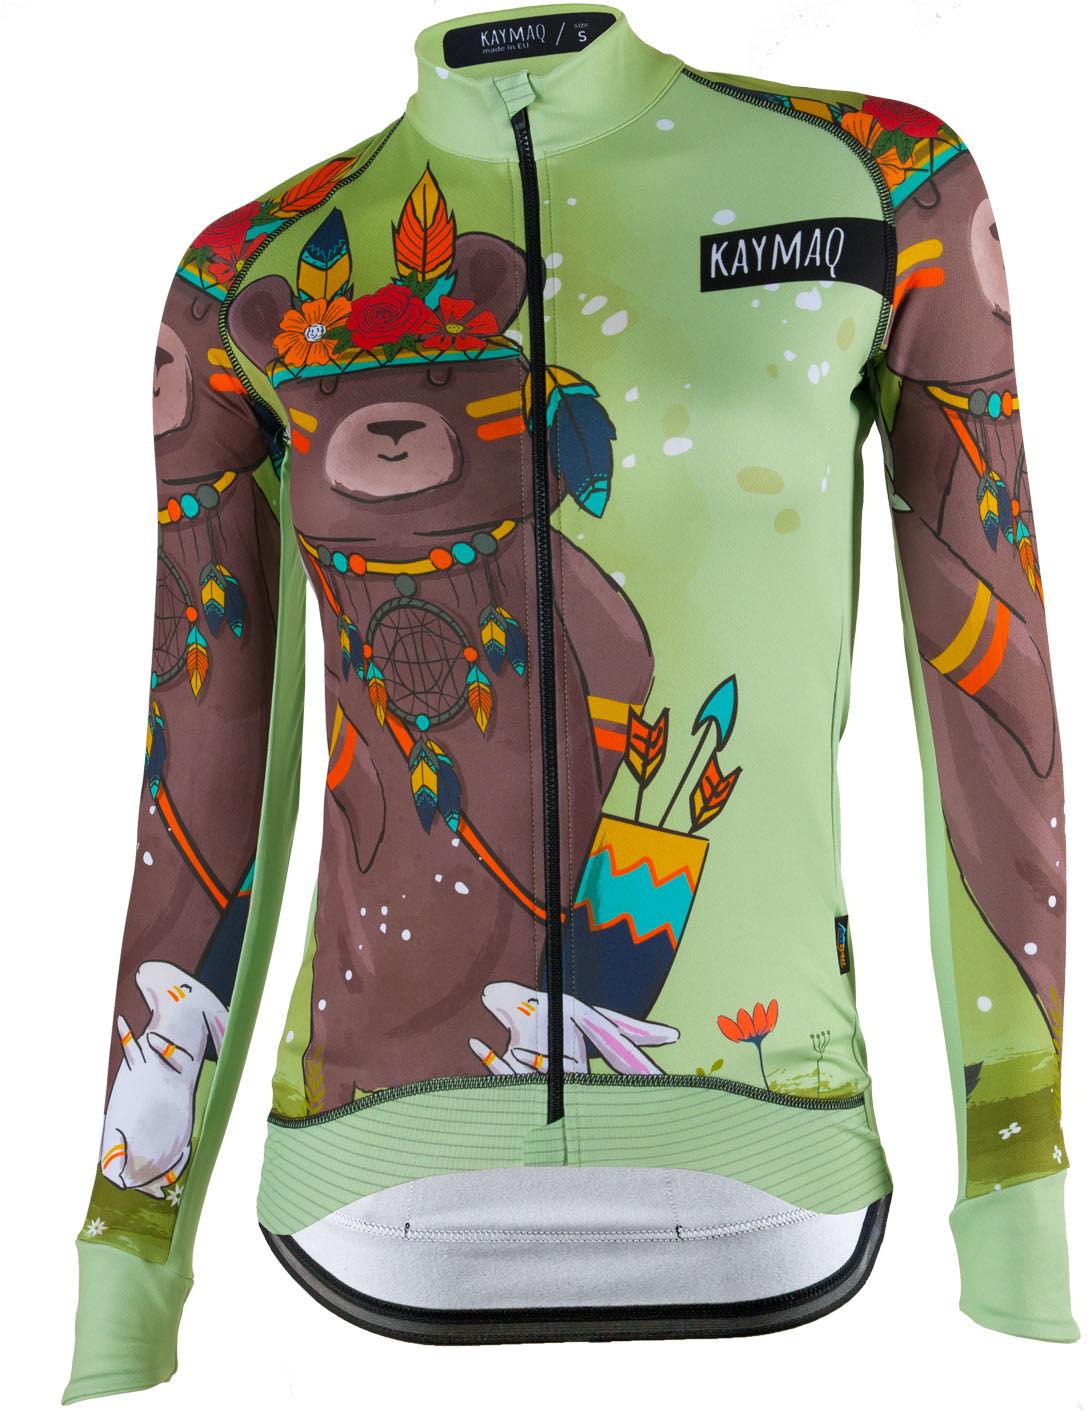 KAYMAQ DESIGN W12 damska bluza rowerowa Rozmiar: L,KMQ-W12